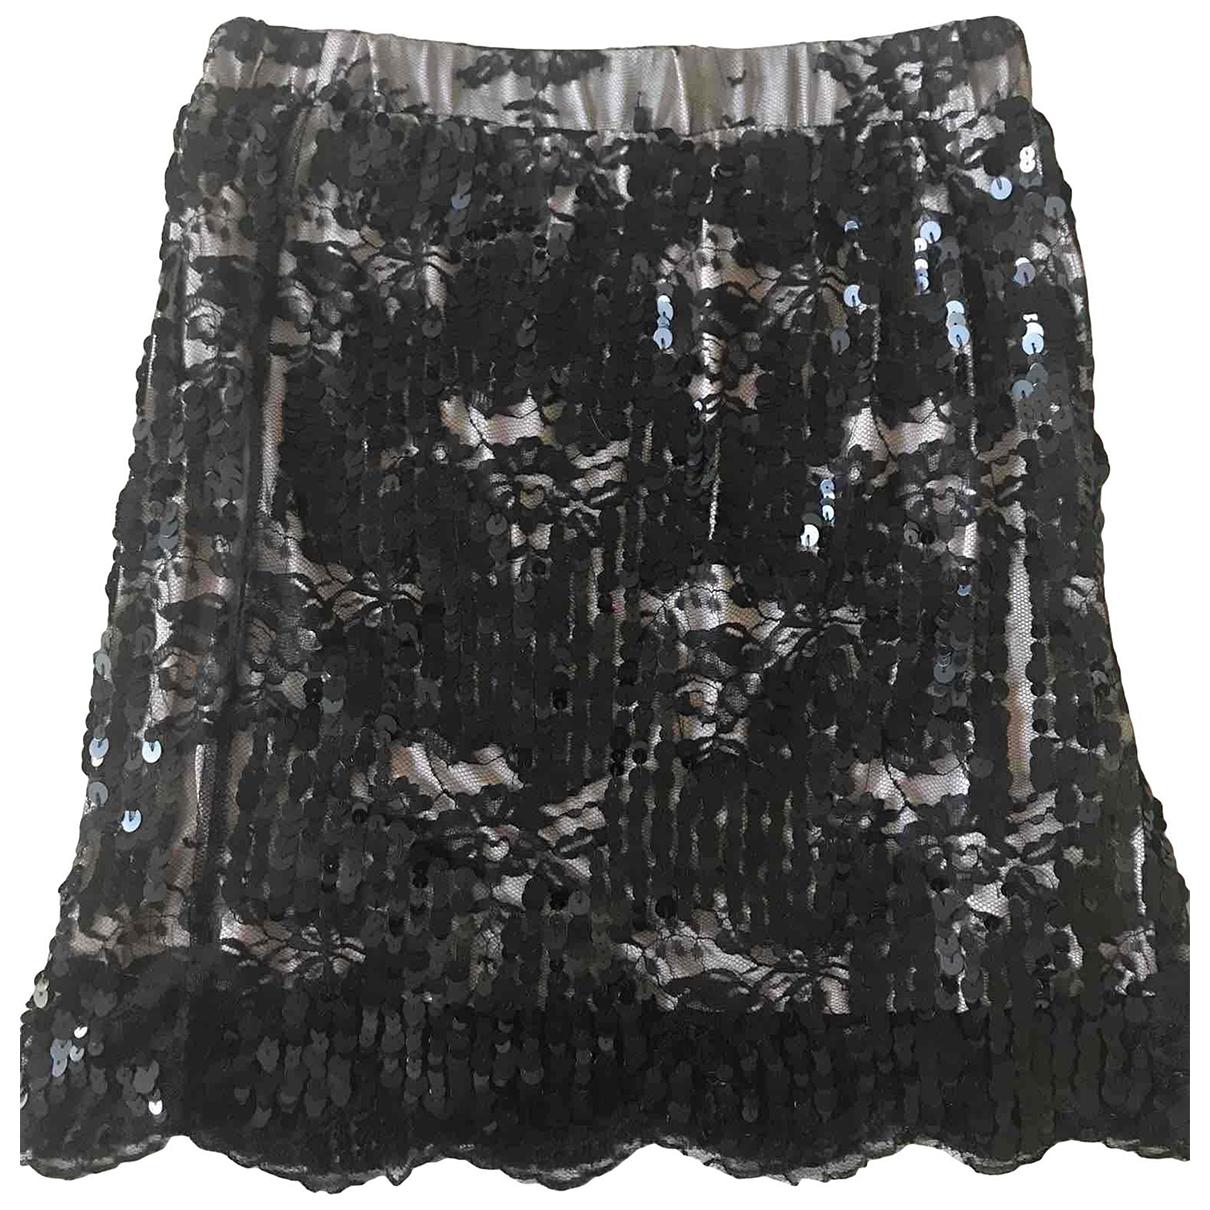 Zara \N skirt for Women 38 FR